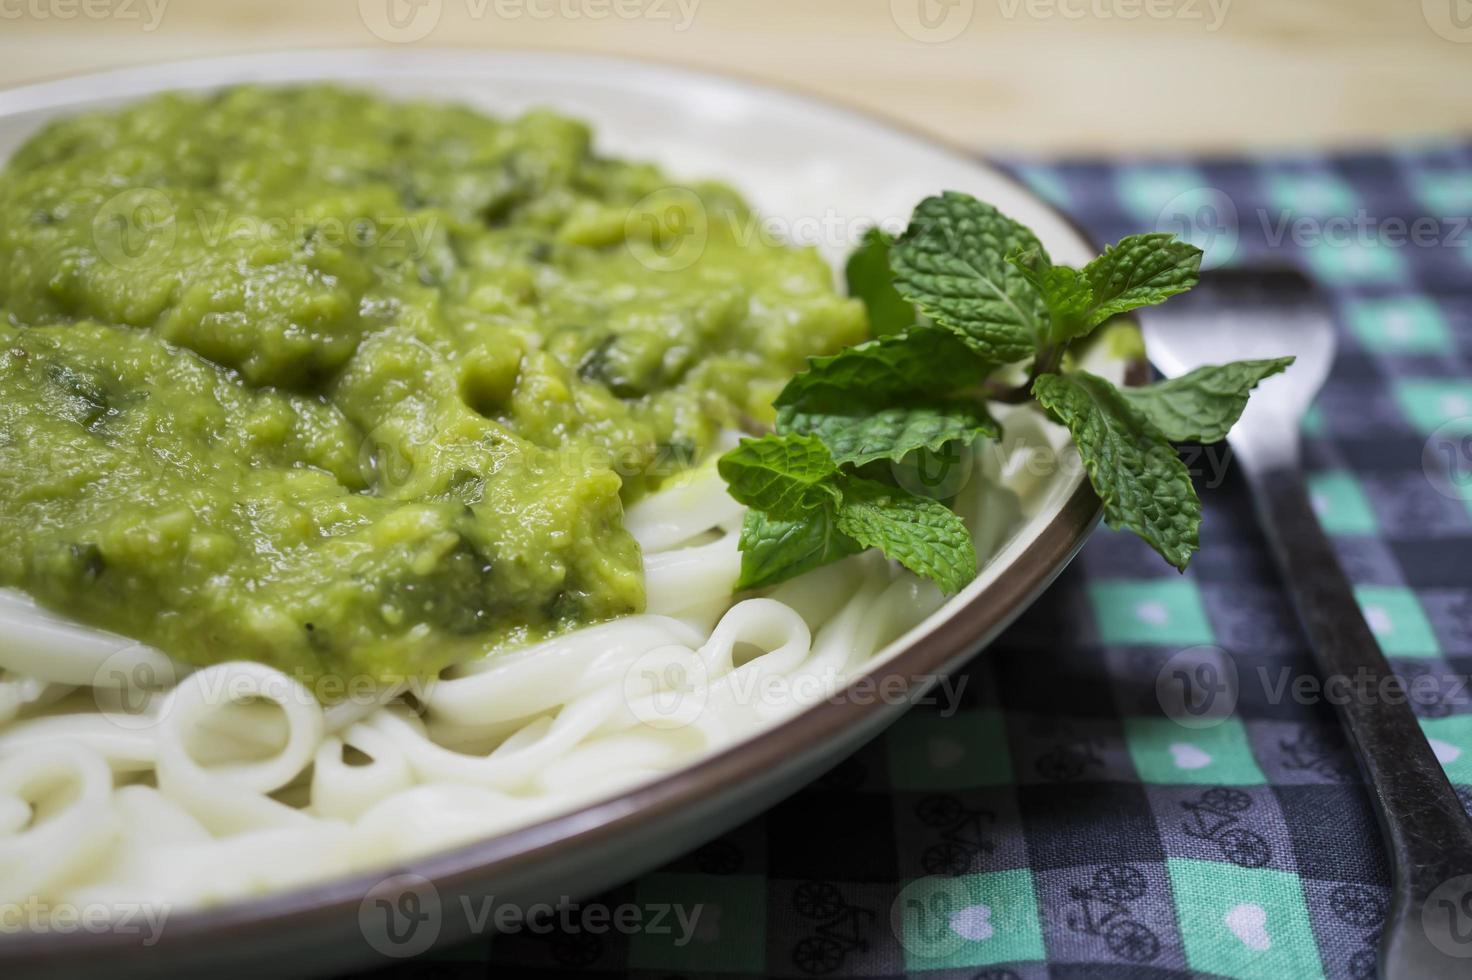 noedels met avocadosaus - veganistisch eten foto